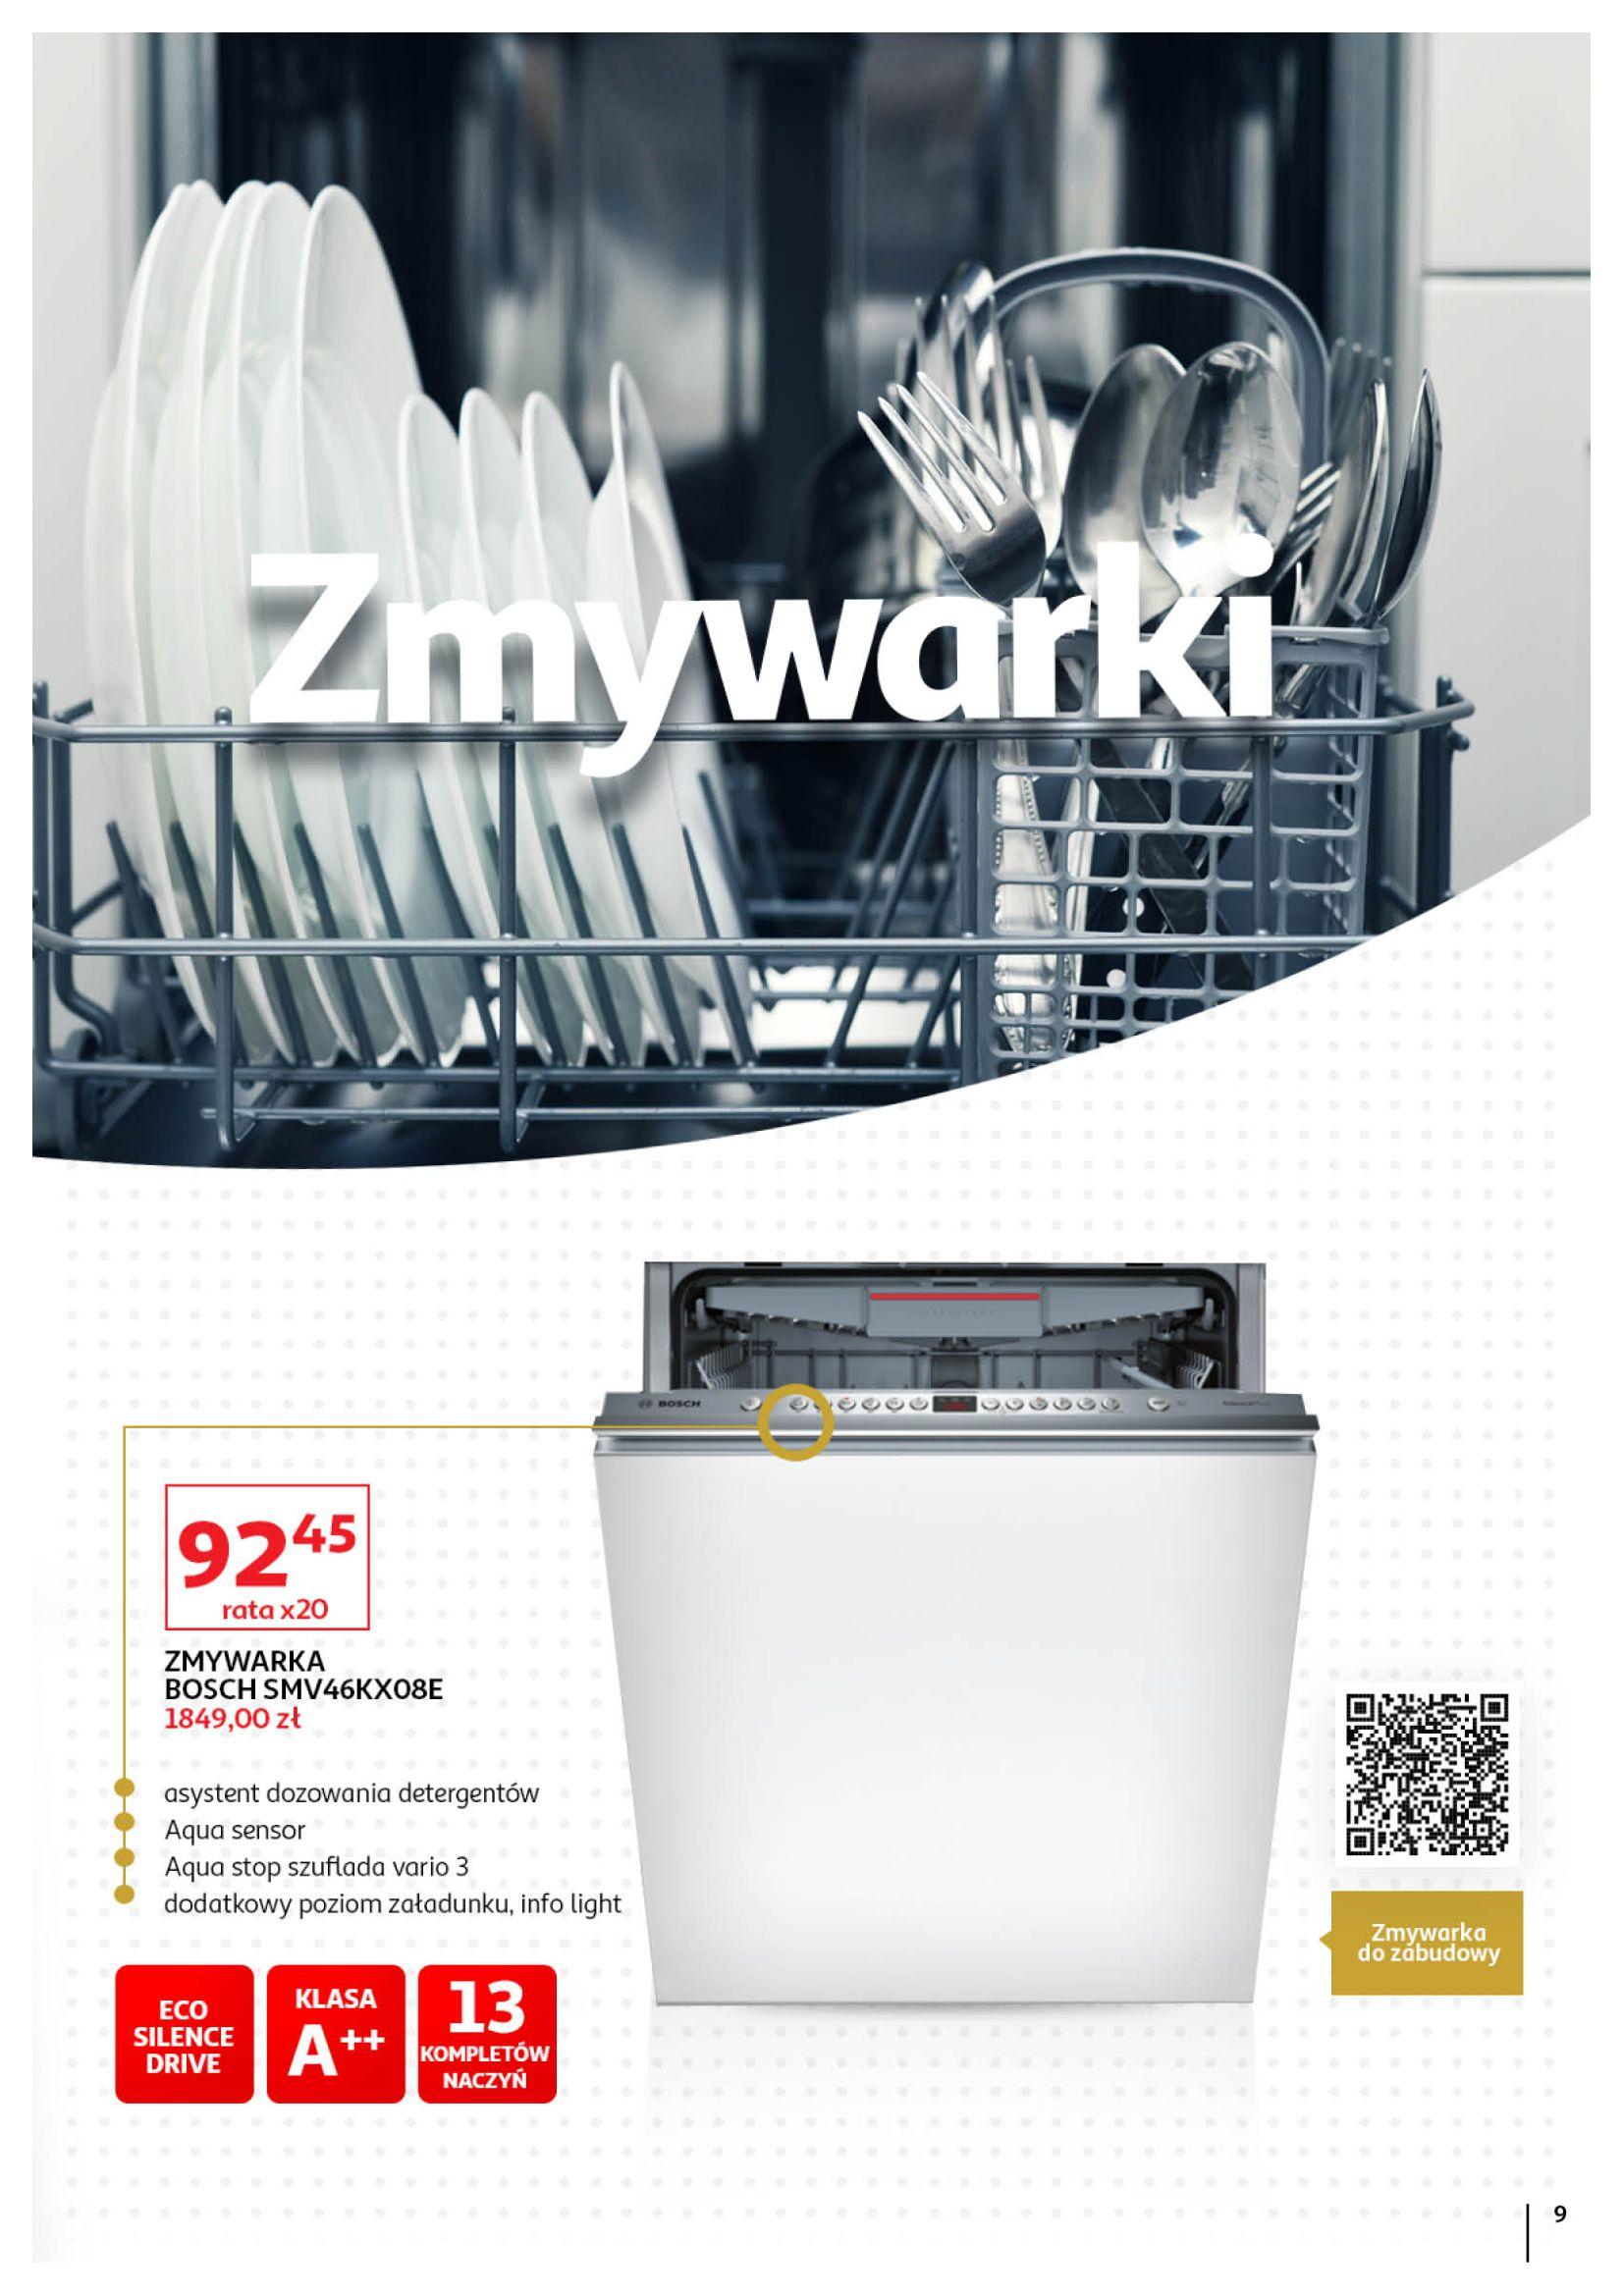 Gazetka Auchan - Oferta Auchan Premium Hipermarkety-01.11.2019-27.11.2019-page-9